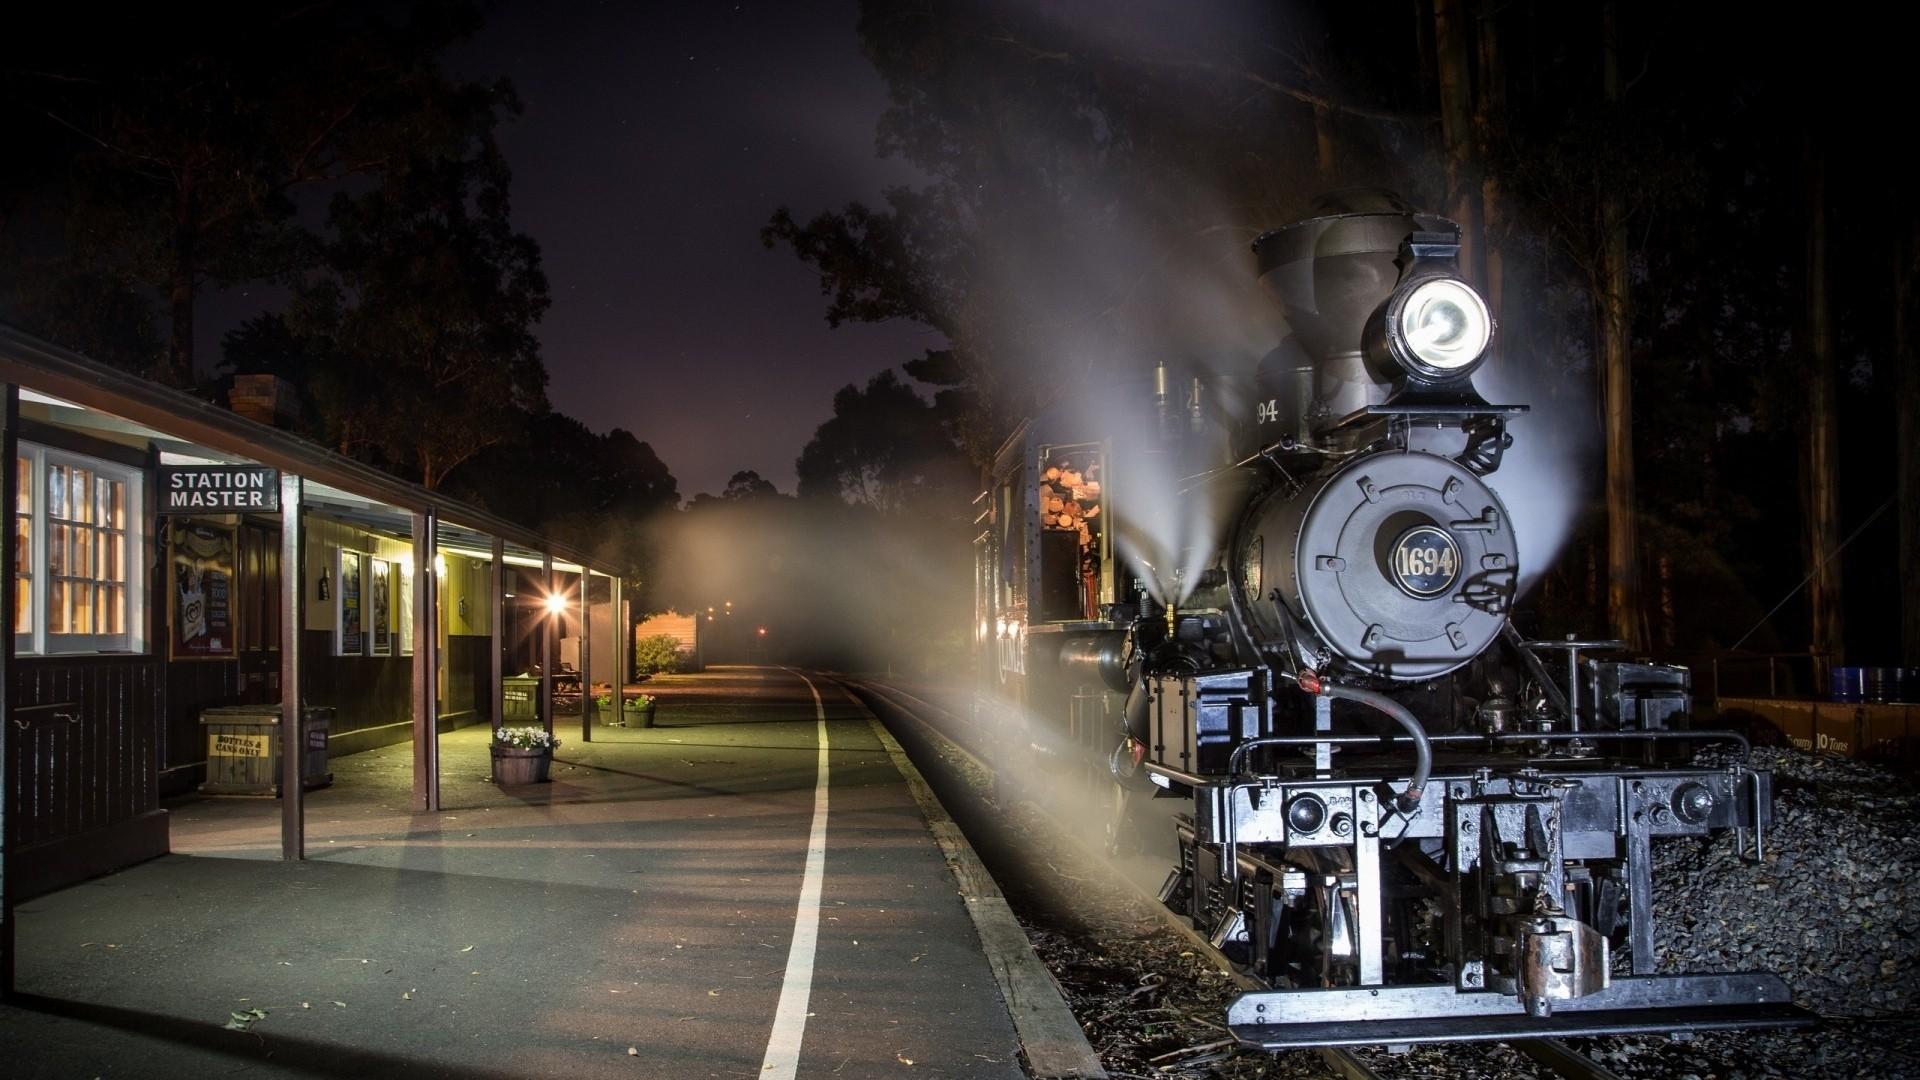 лучшие фото паровоза в темноте просуществовала купюра достоинством